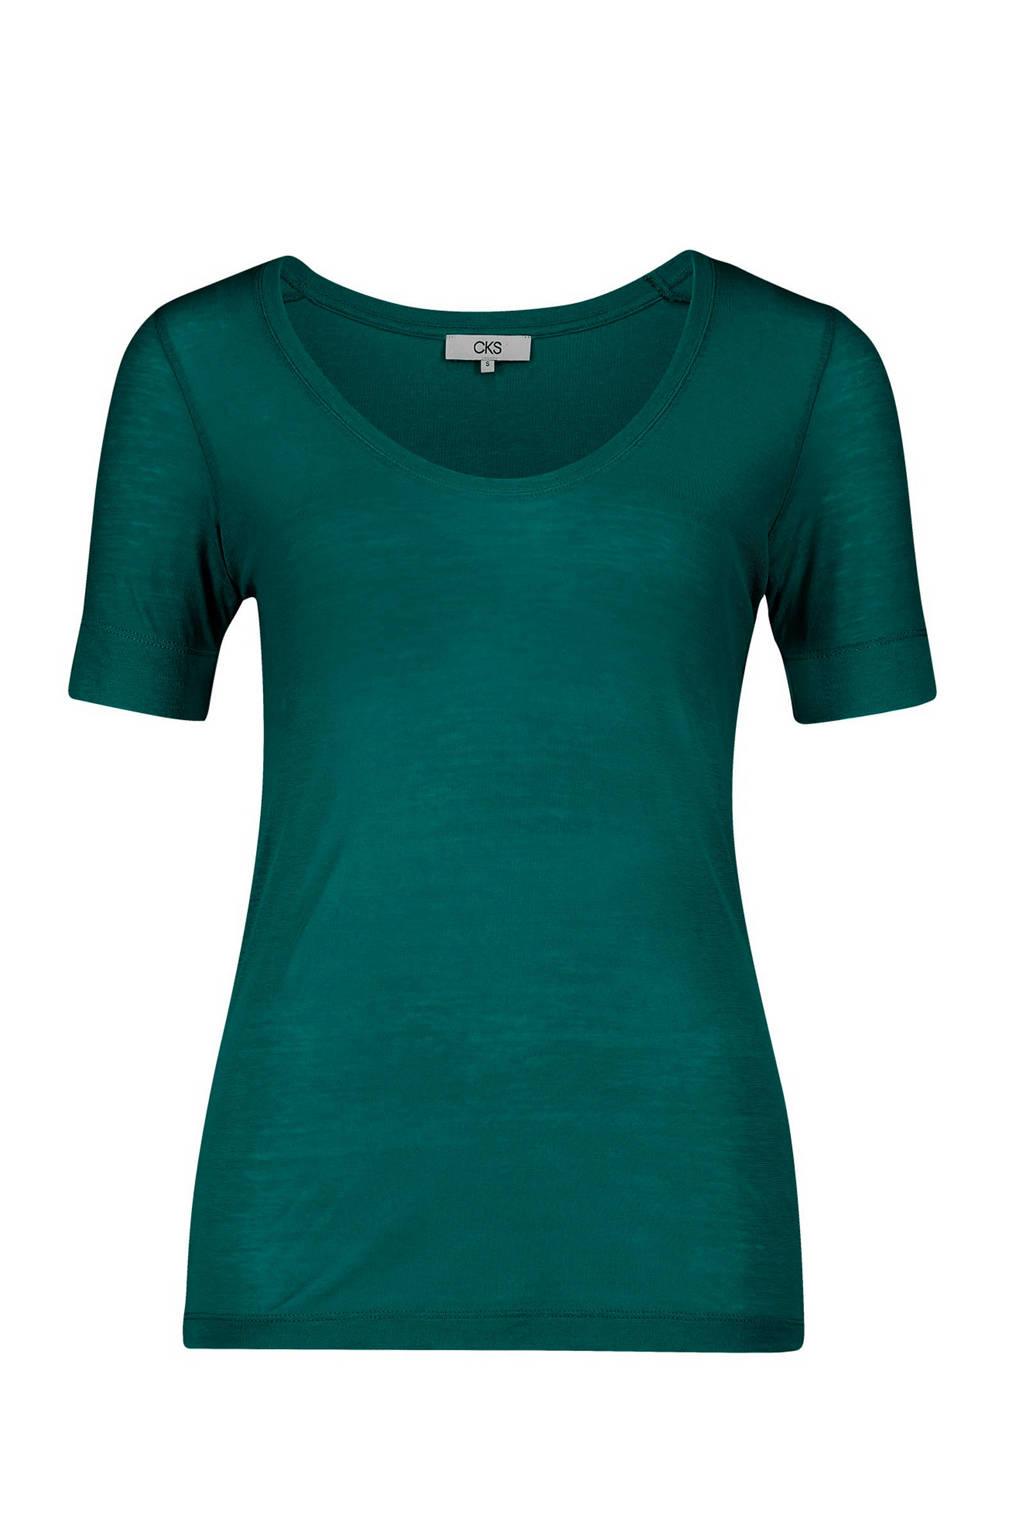 CKS T-shirt donkergroen, Donkergroen